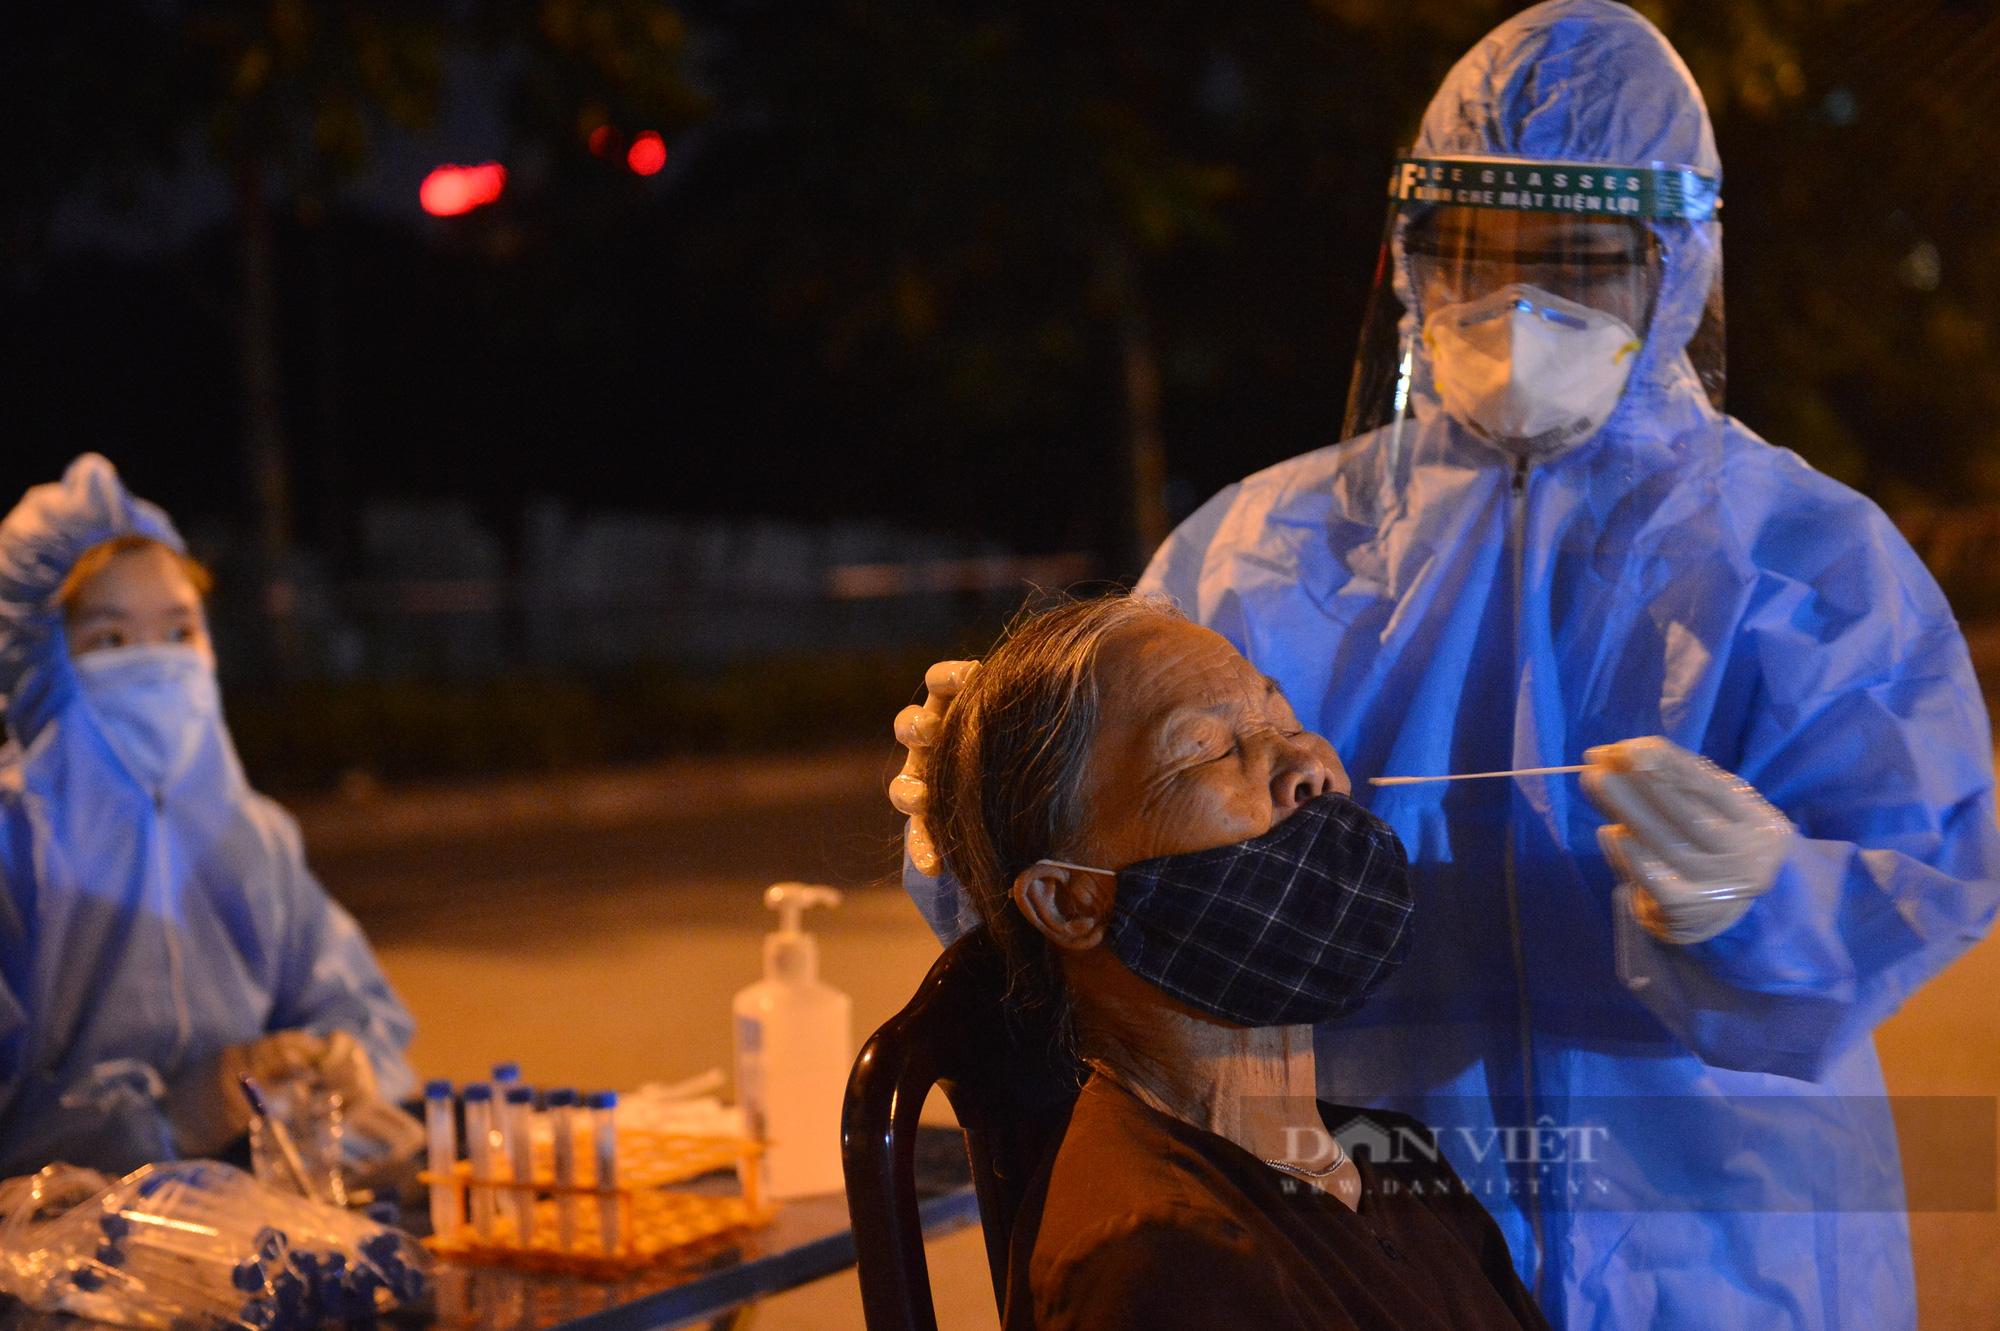 Thần tốc lấy 5.000 mẫu xét nghiệm trong đêm sau khi phát hiện 9 F0 tại quận Long Biên - Ảnh 6.